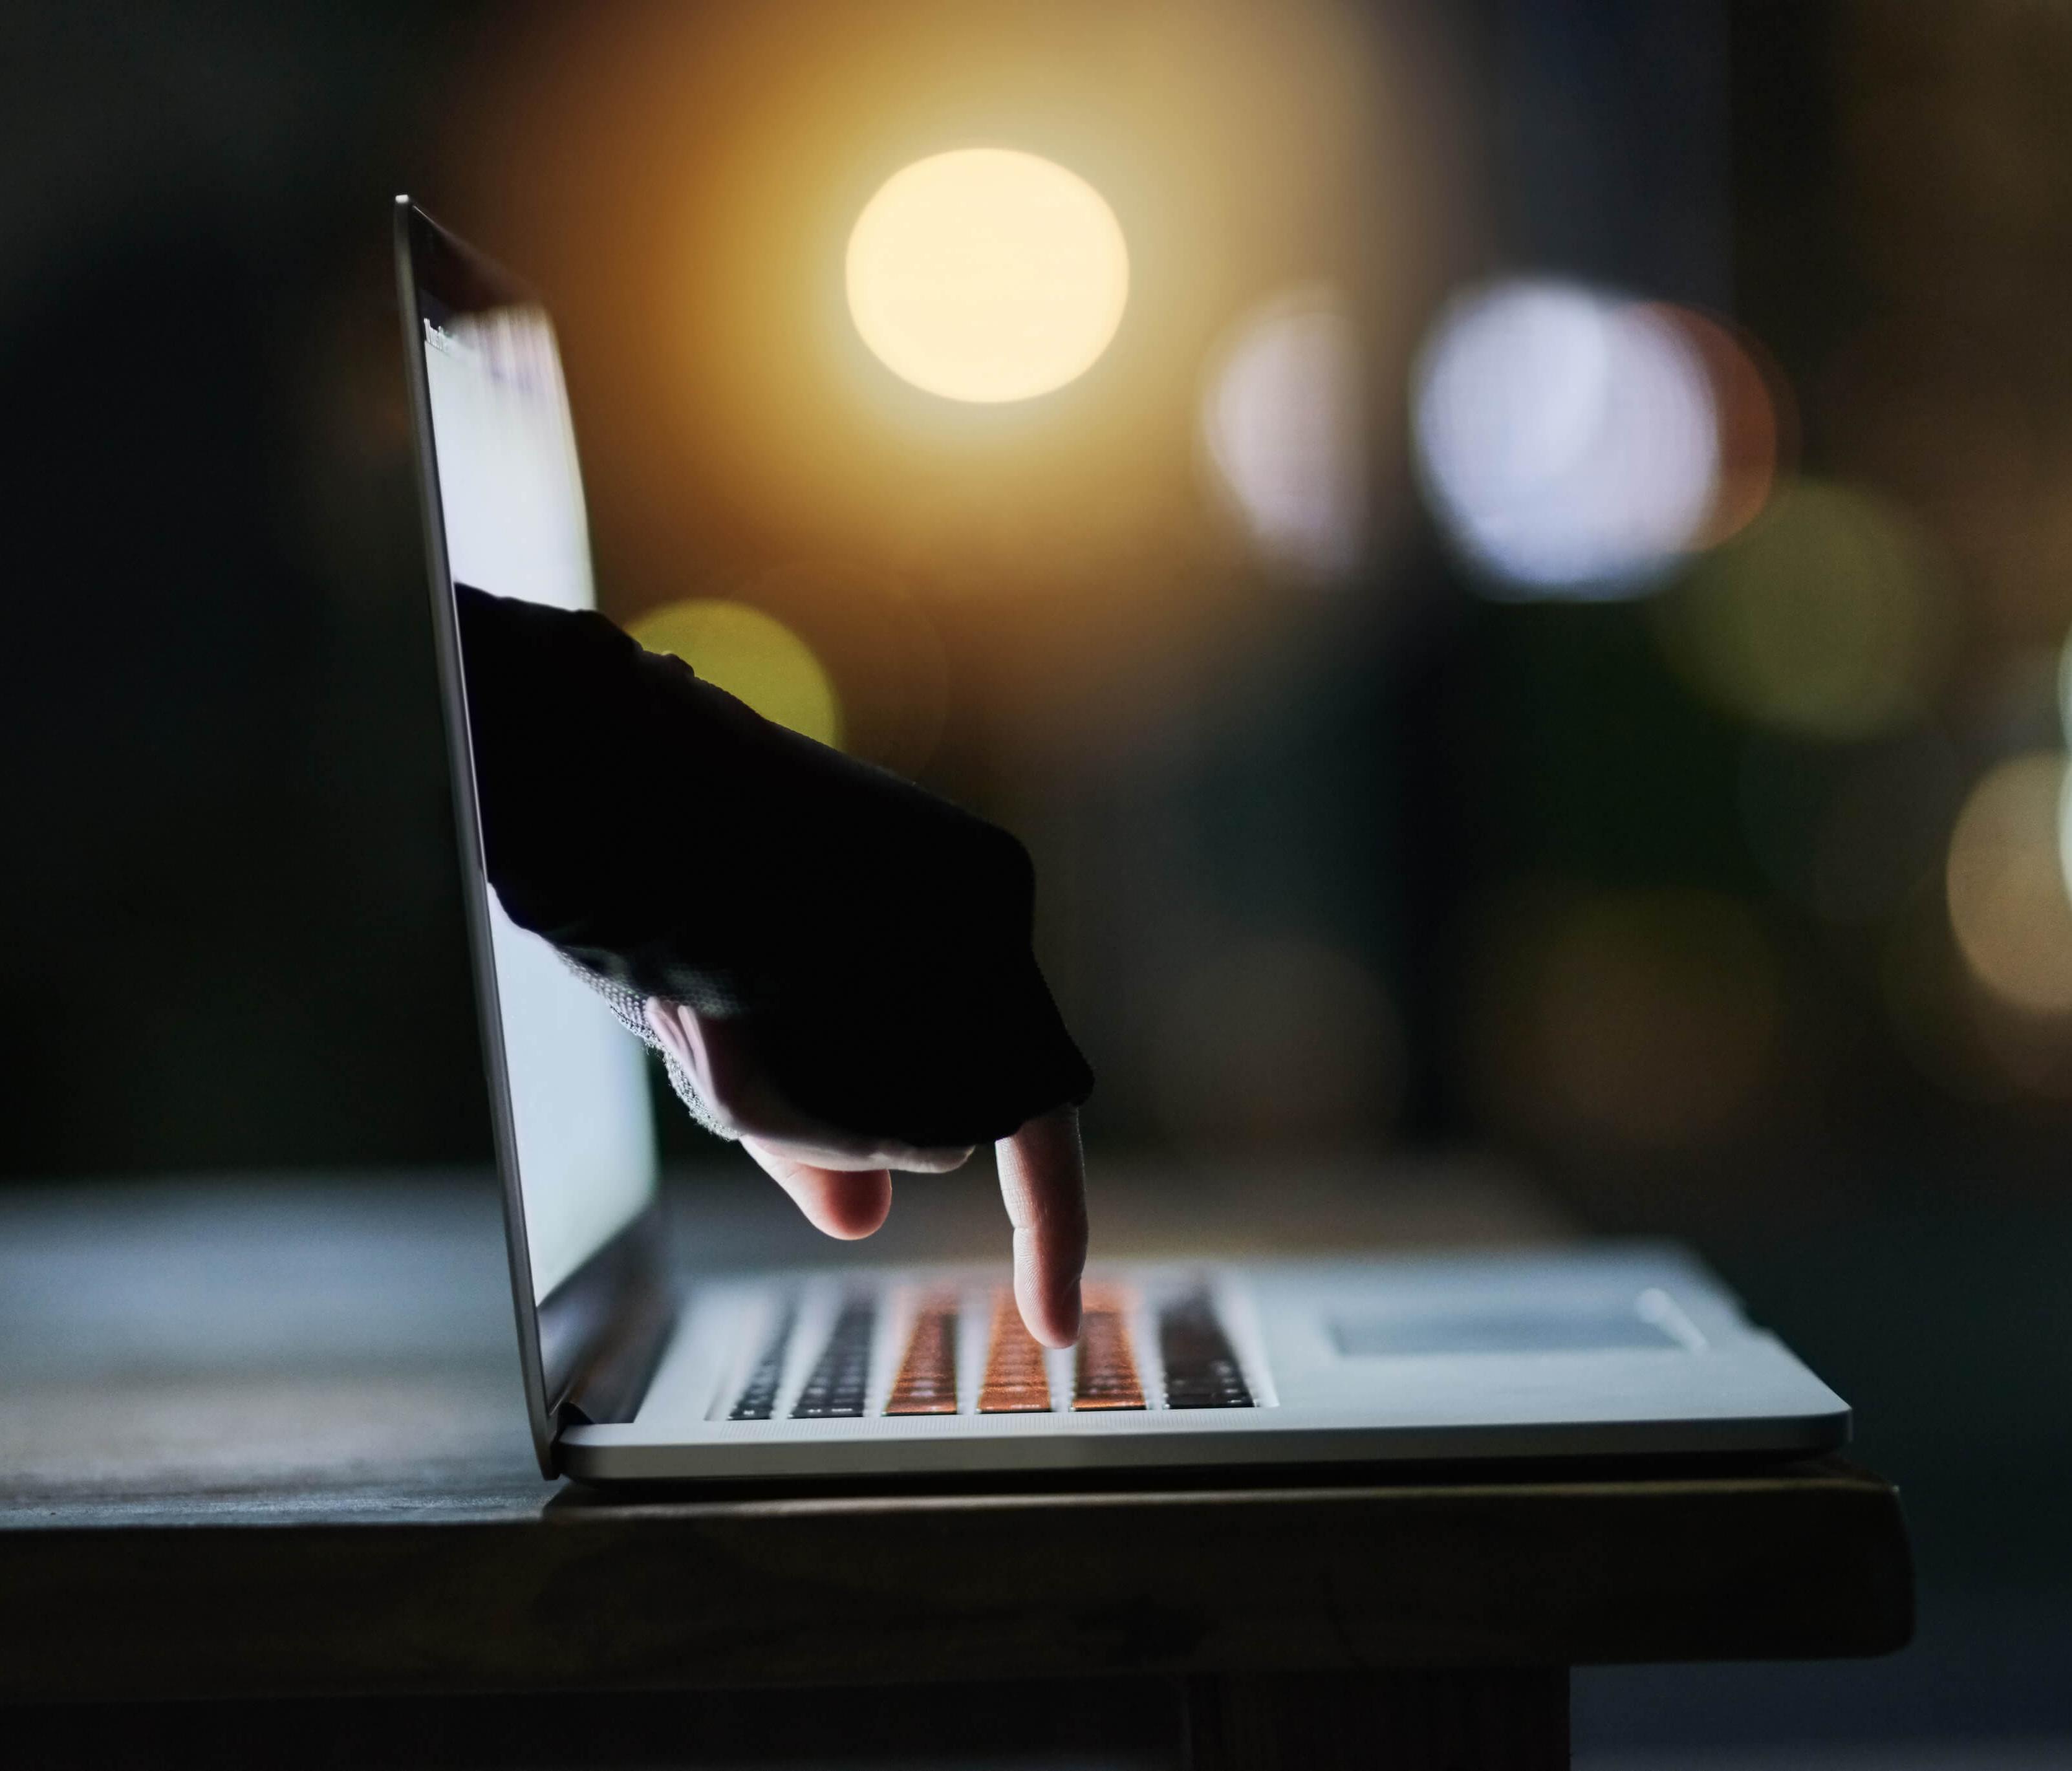 risques numériques